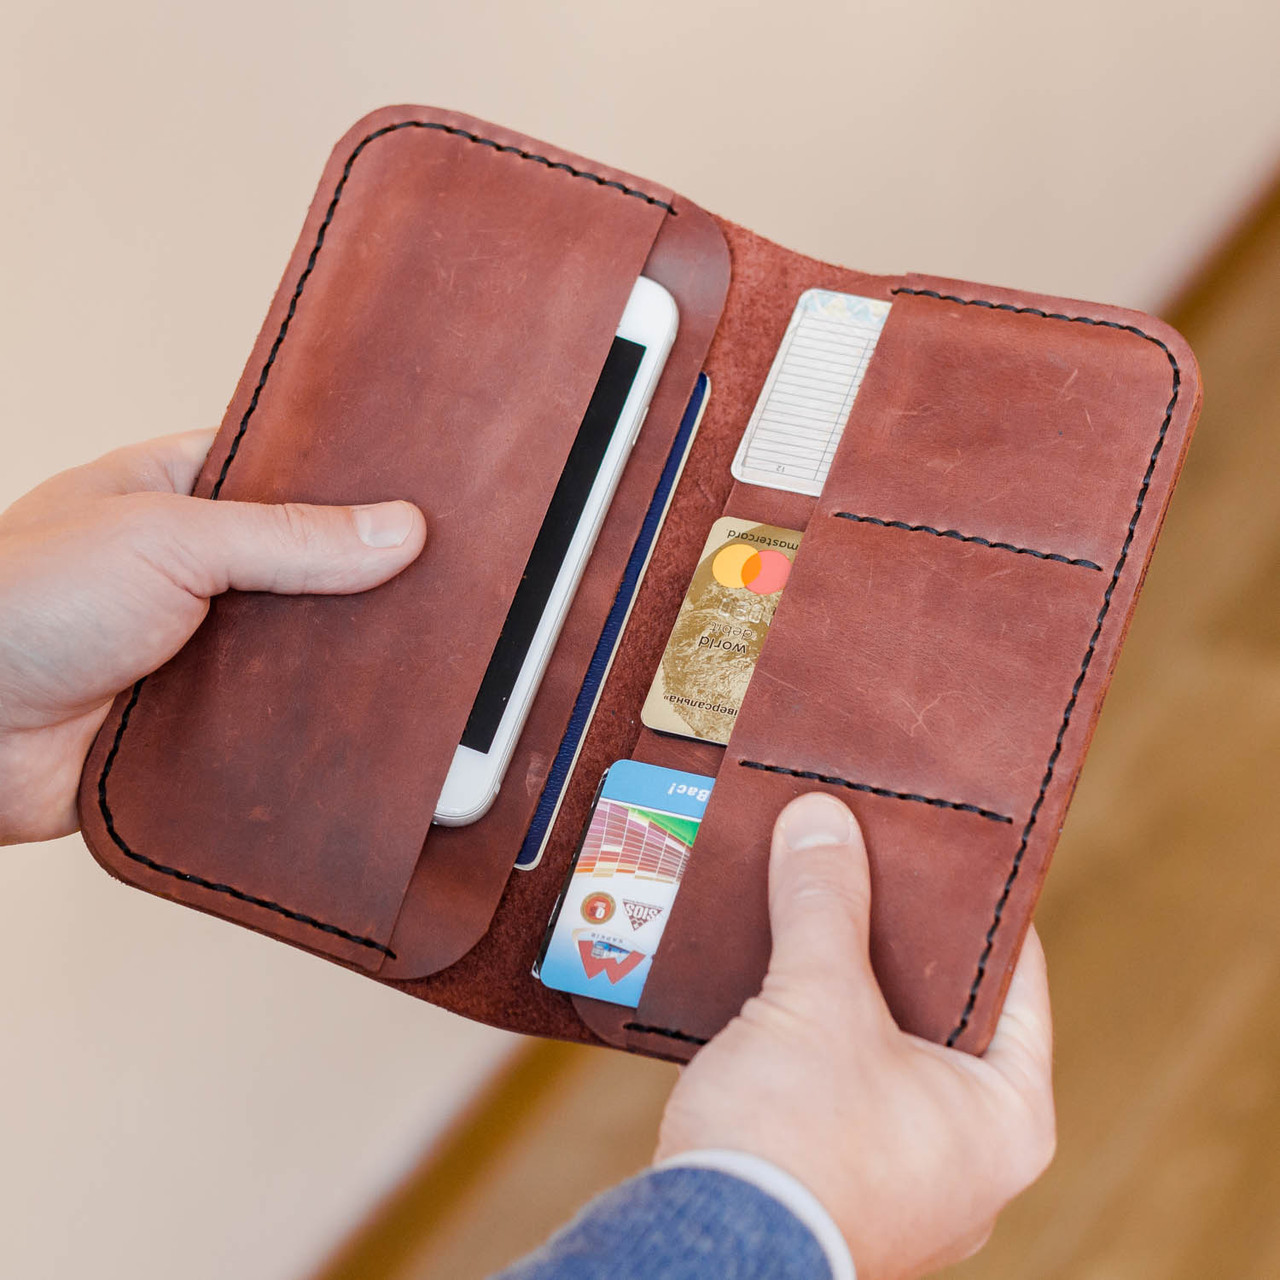 cd5a5bc2da89 Мужской кошелек портмоне из натуральной кожи ручной работы Revier кирпич  для денег и телефона - megastore